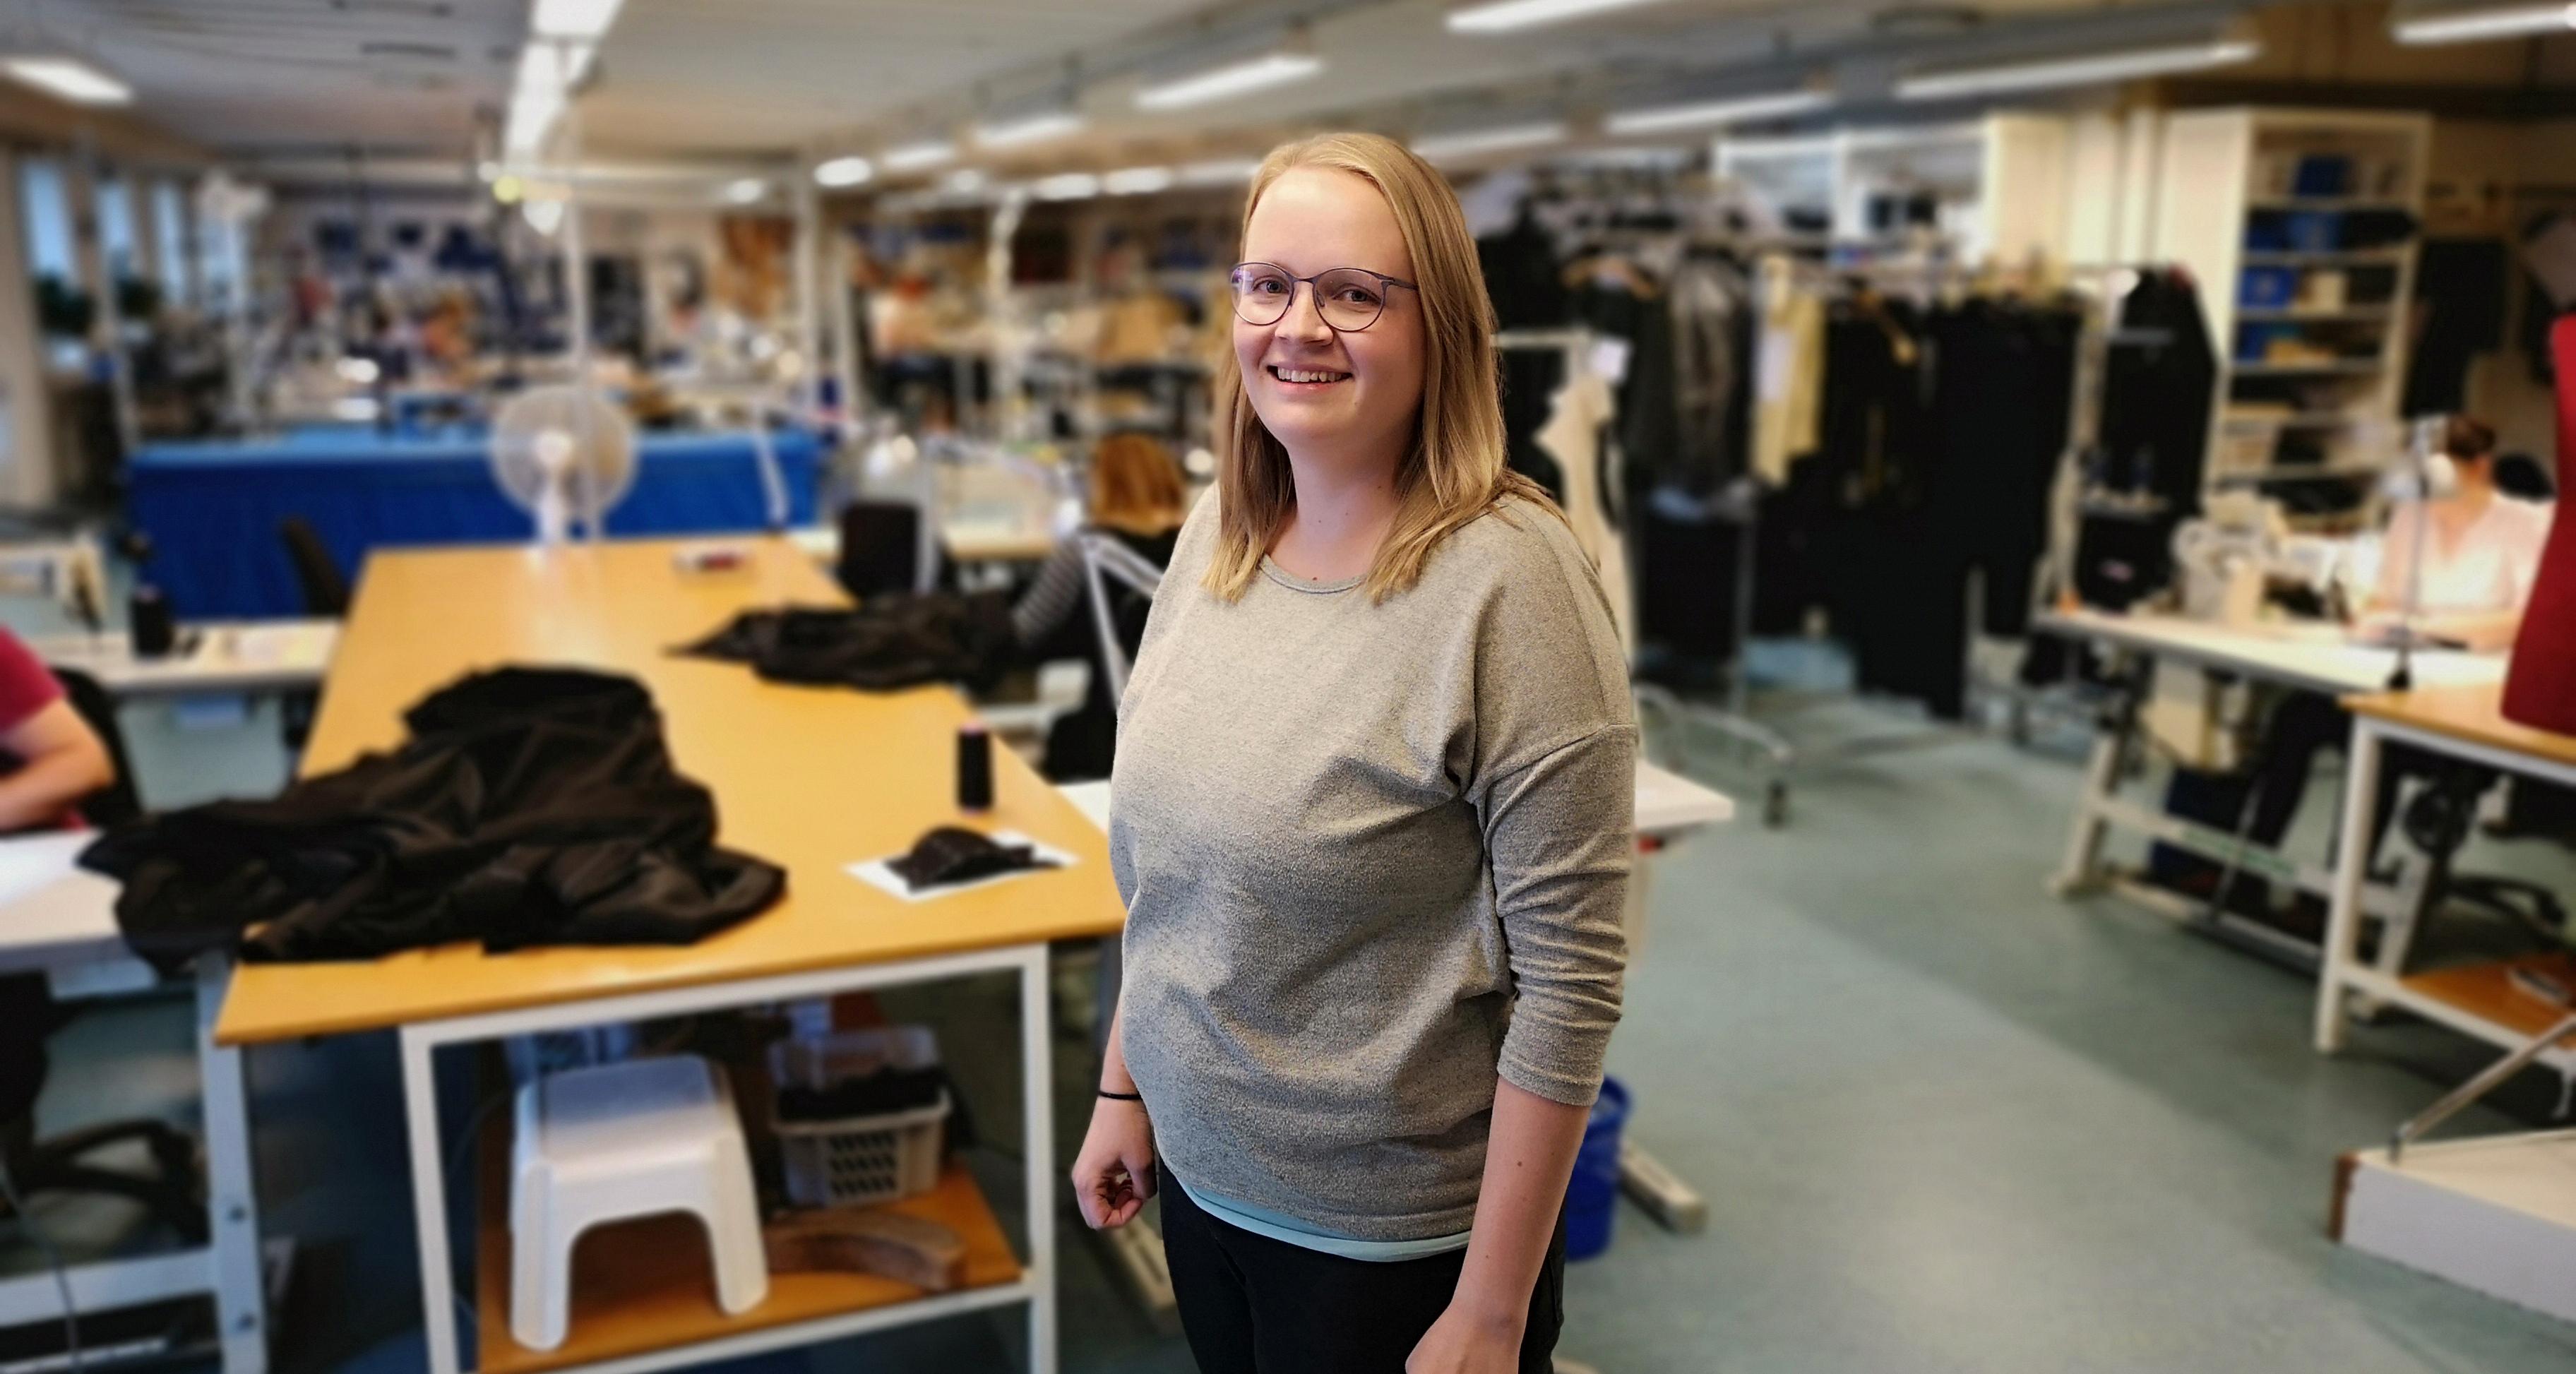 Foto: Stefanie Nielsen er højtuddannet og har gjort en forskel for den smv, hun er ansat i.